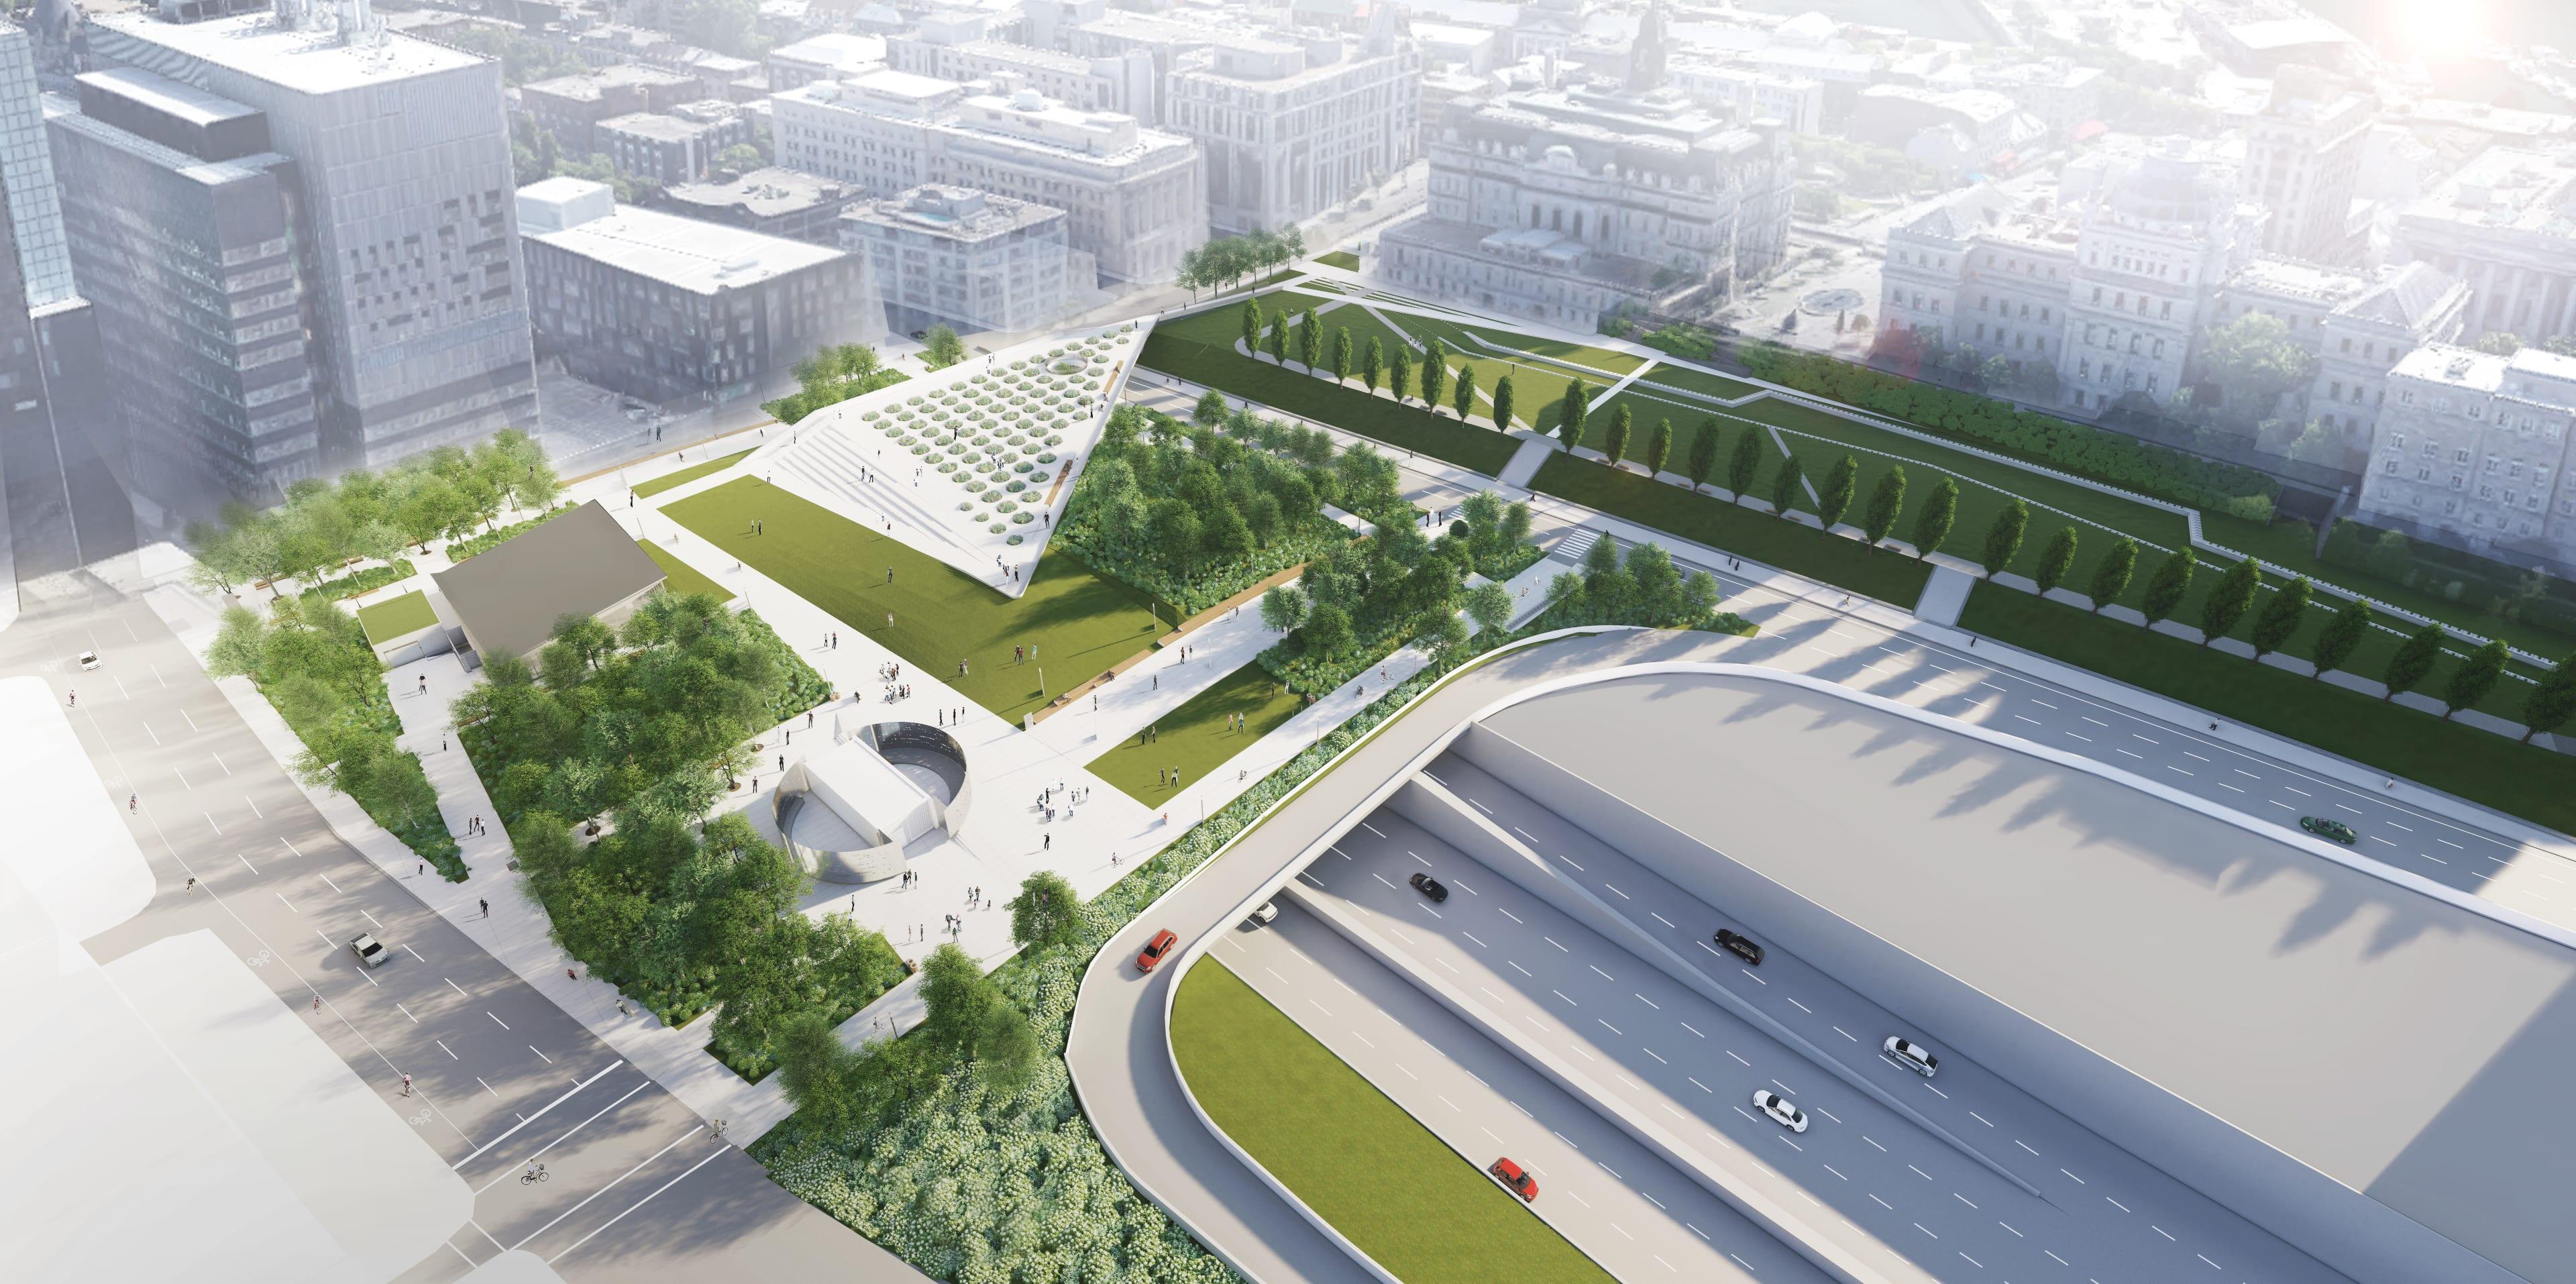 La future place des Montréalaises - vue d'ensemble